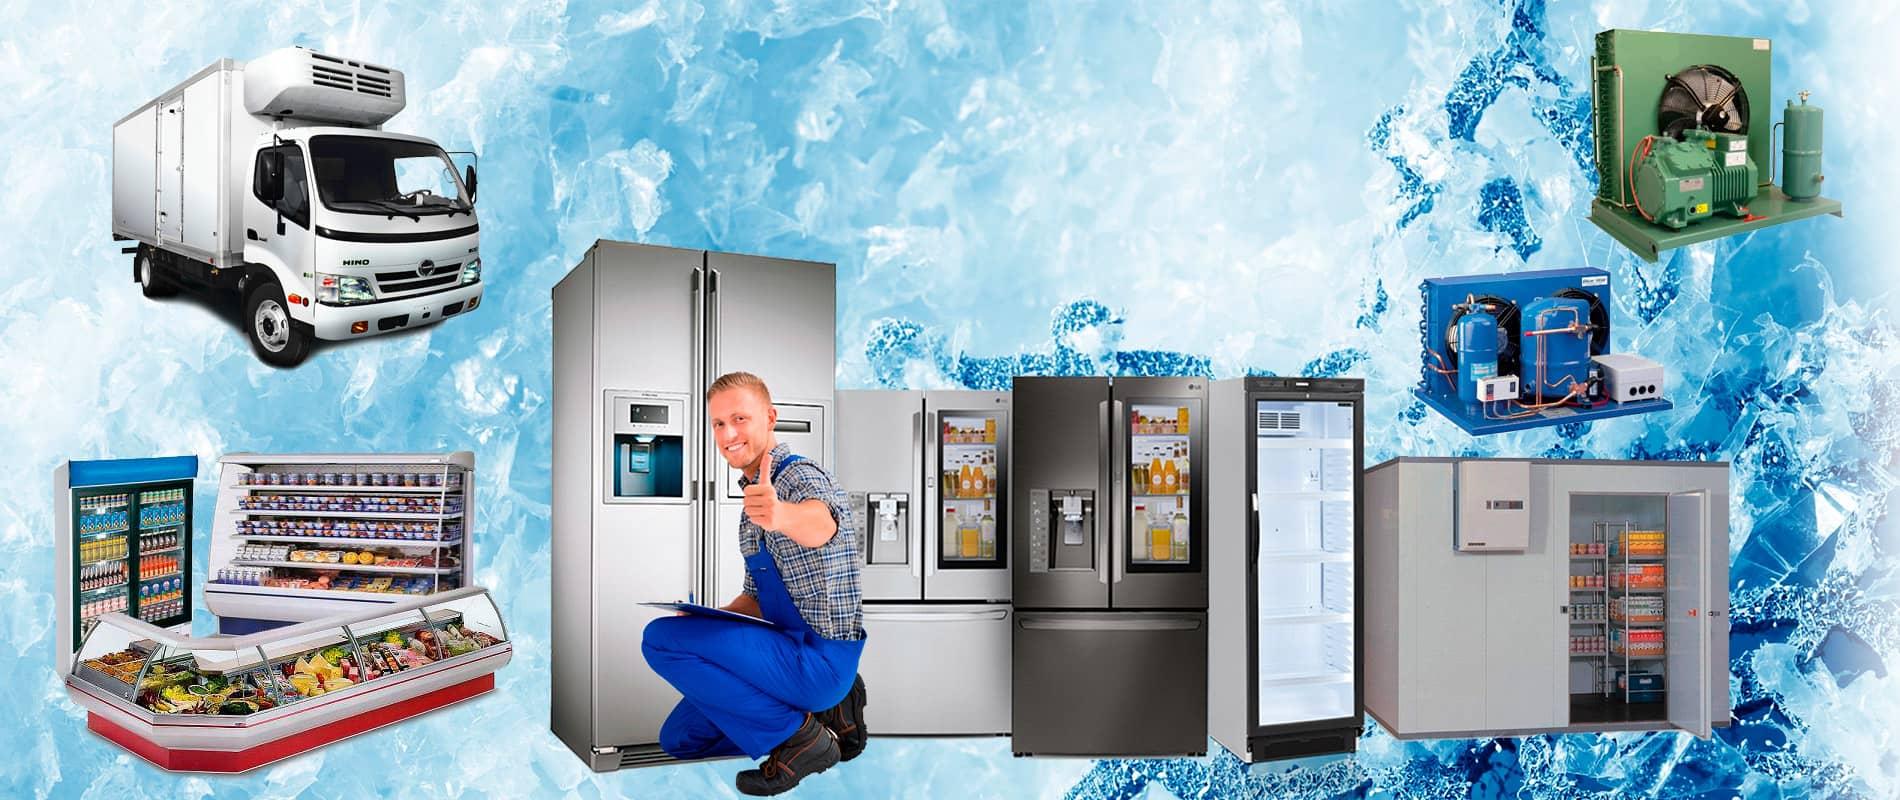 Картинки ремонт холодильников и кондиционеров